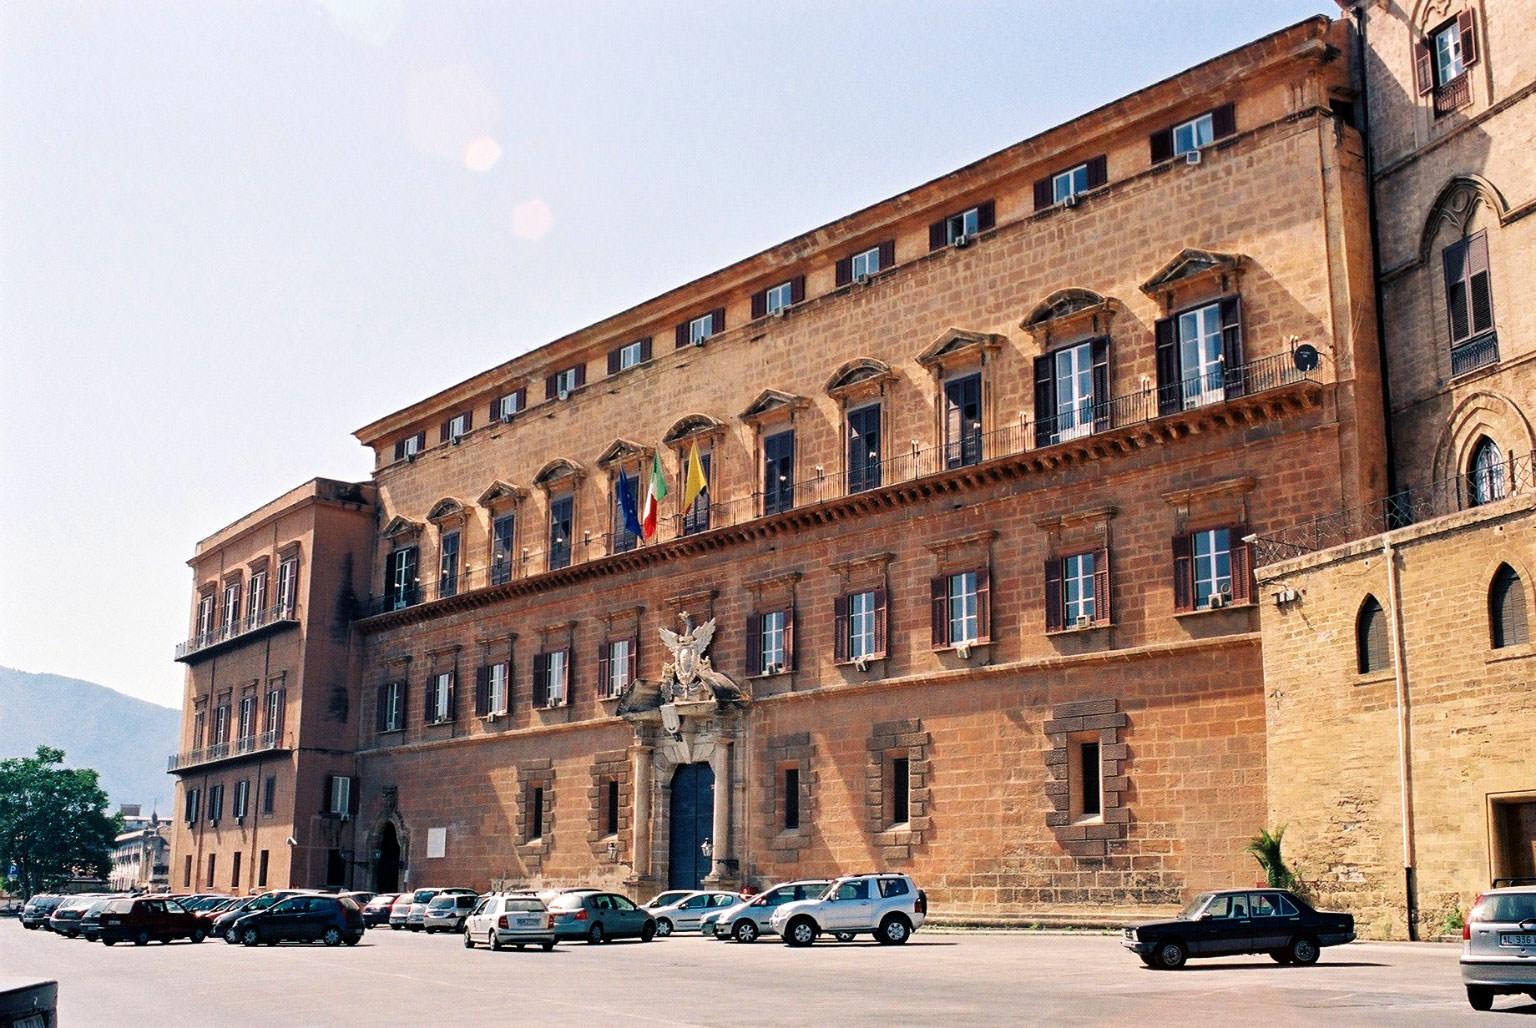 Regione Siciliana, il Covid-19 blocca i lavori per l'approvazione della Finanziaria: seduta sospesa – DETTAGLI